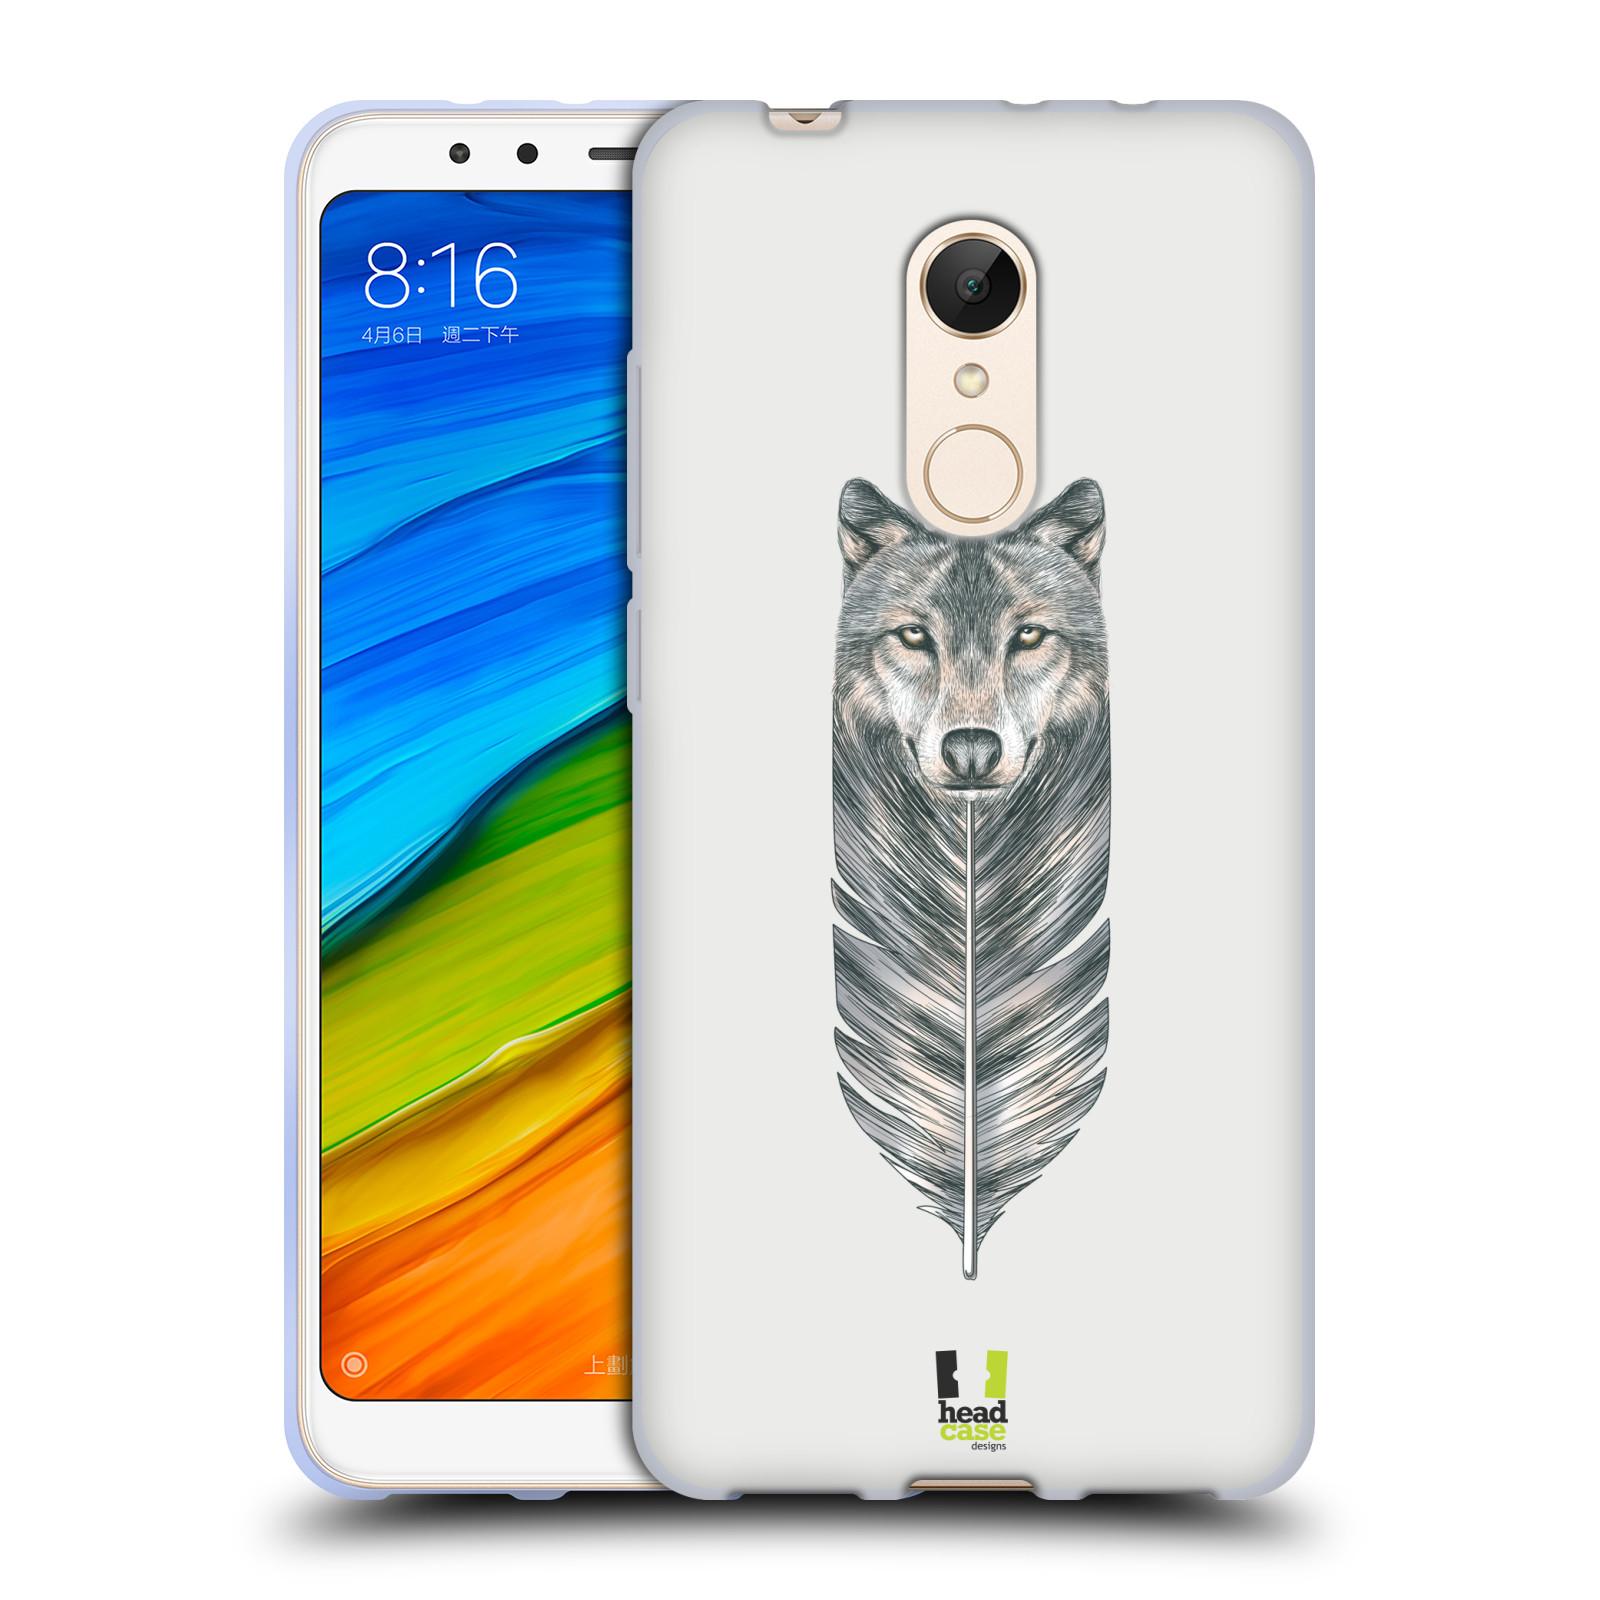 Silikonové pouzdro na mobil Xiaomi Redmi 5 - Head Case - PÍRKO VLK (Silikonový kryt či obal na mobilní telefon Xiaomi Redmi 5 s motivem PÍRKO VLK)